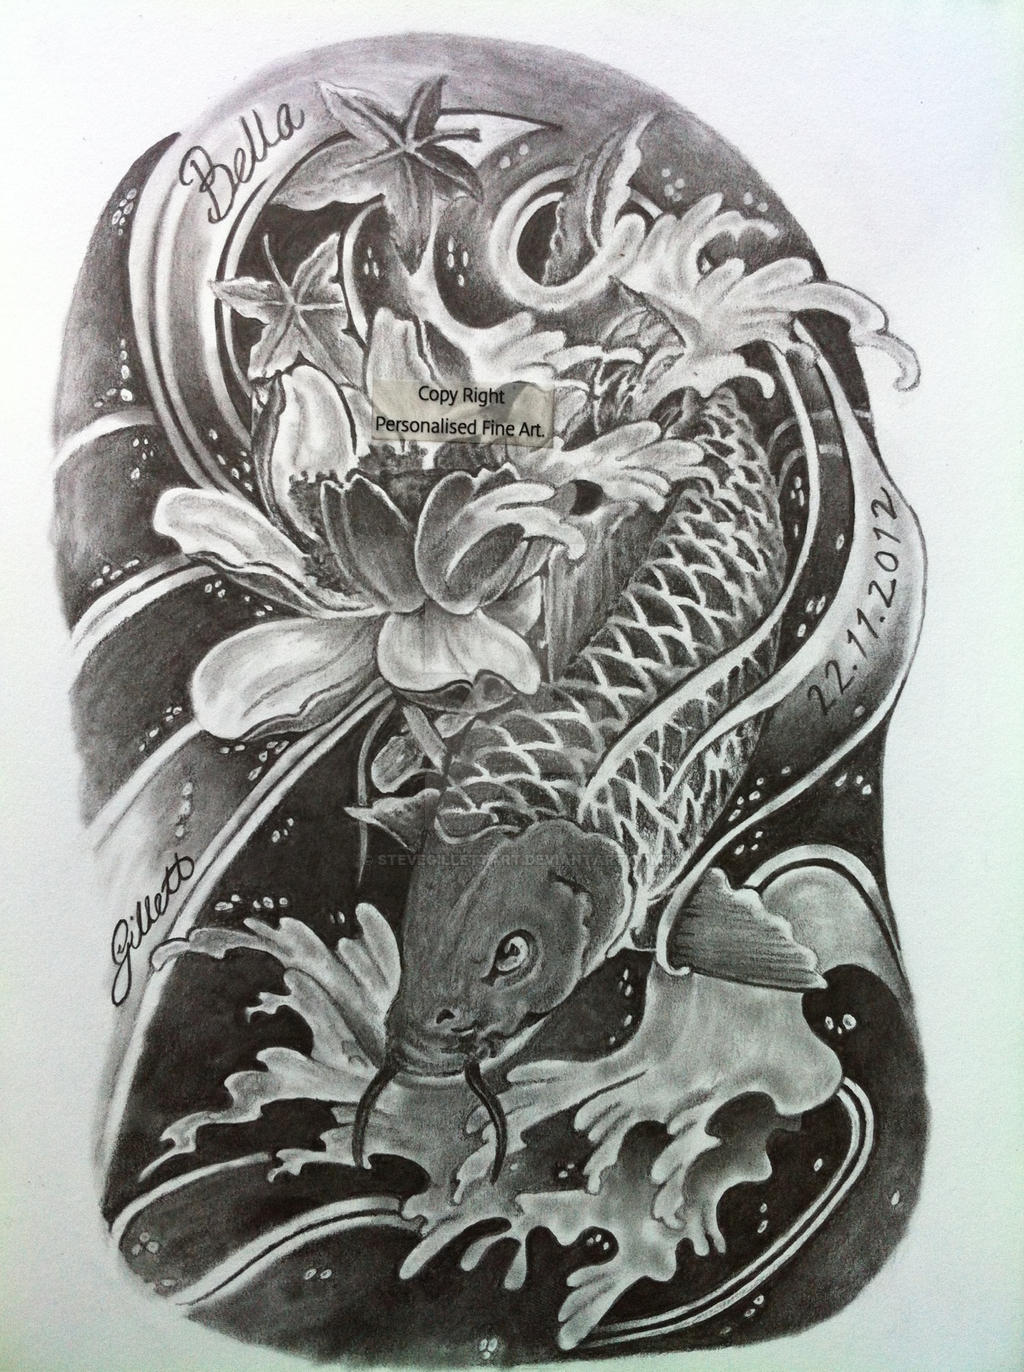 39 dragon coy carp 39 tattoo design 2013 drawing by stevegillettart on deviantart. Black Bedroom Furniture Sets. Home Design Ideas